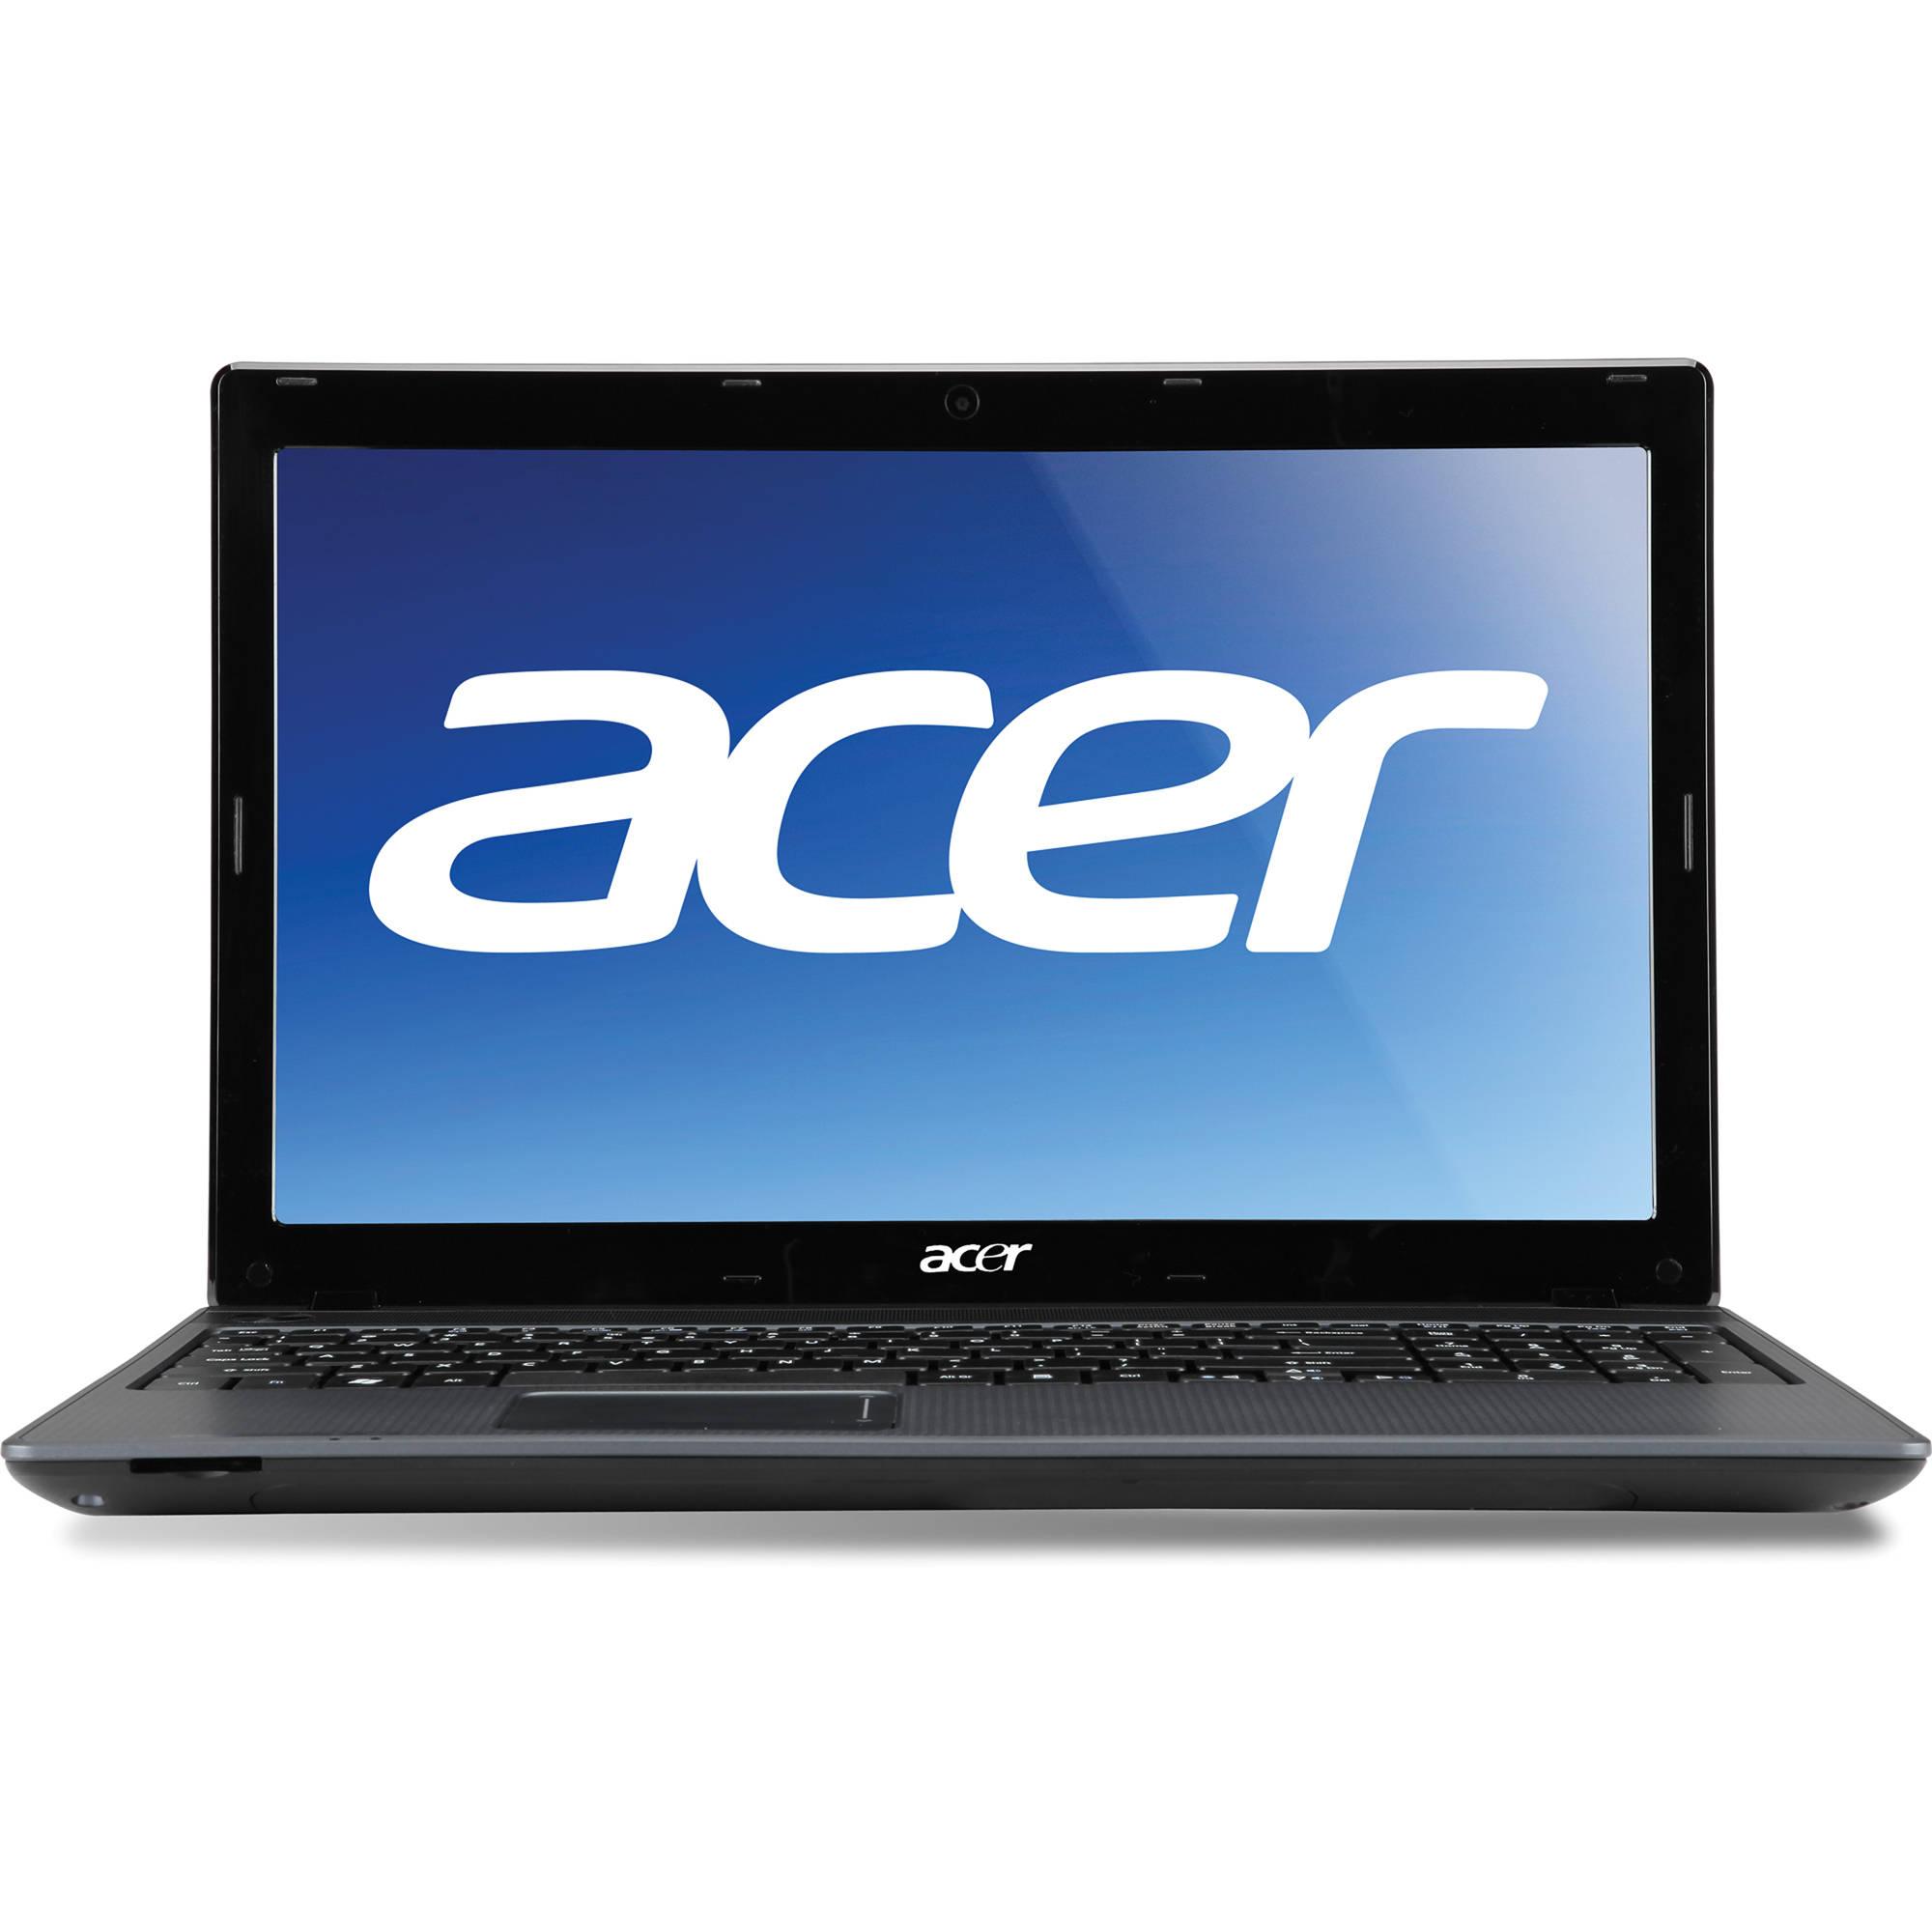 Acer Extensa 6600 Modem Driver